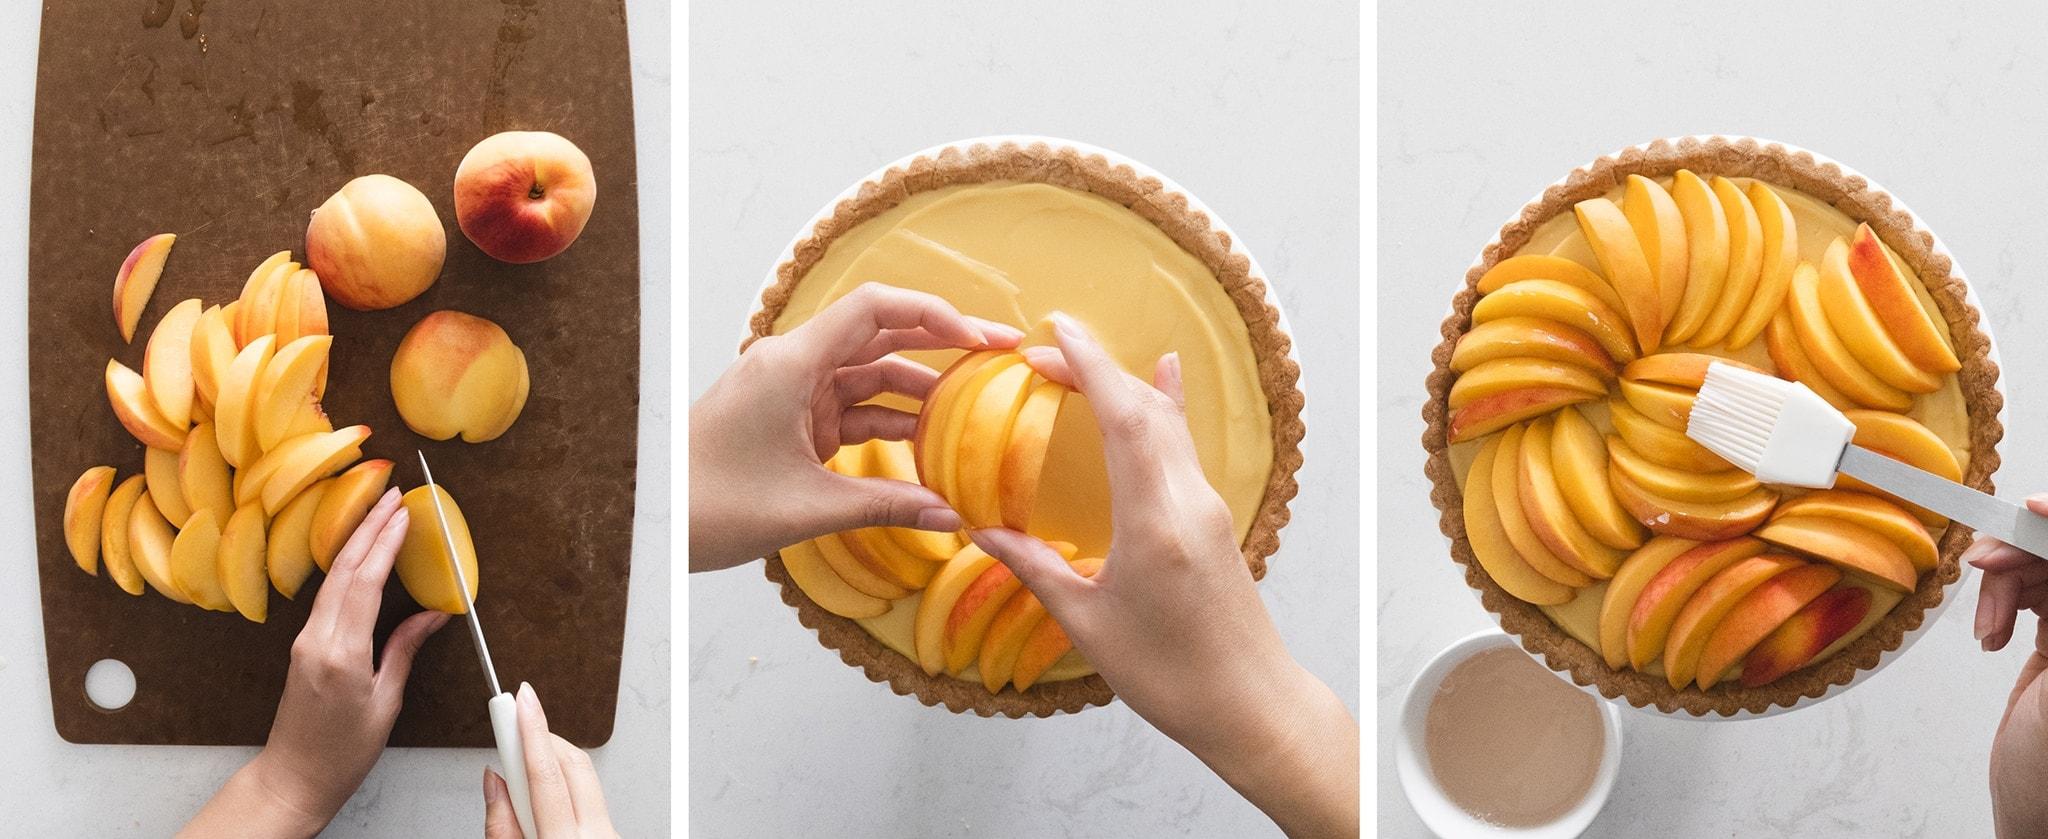 Arranging peach slices on top of custard tart